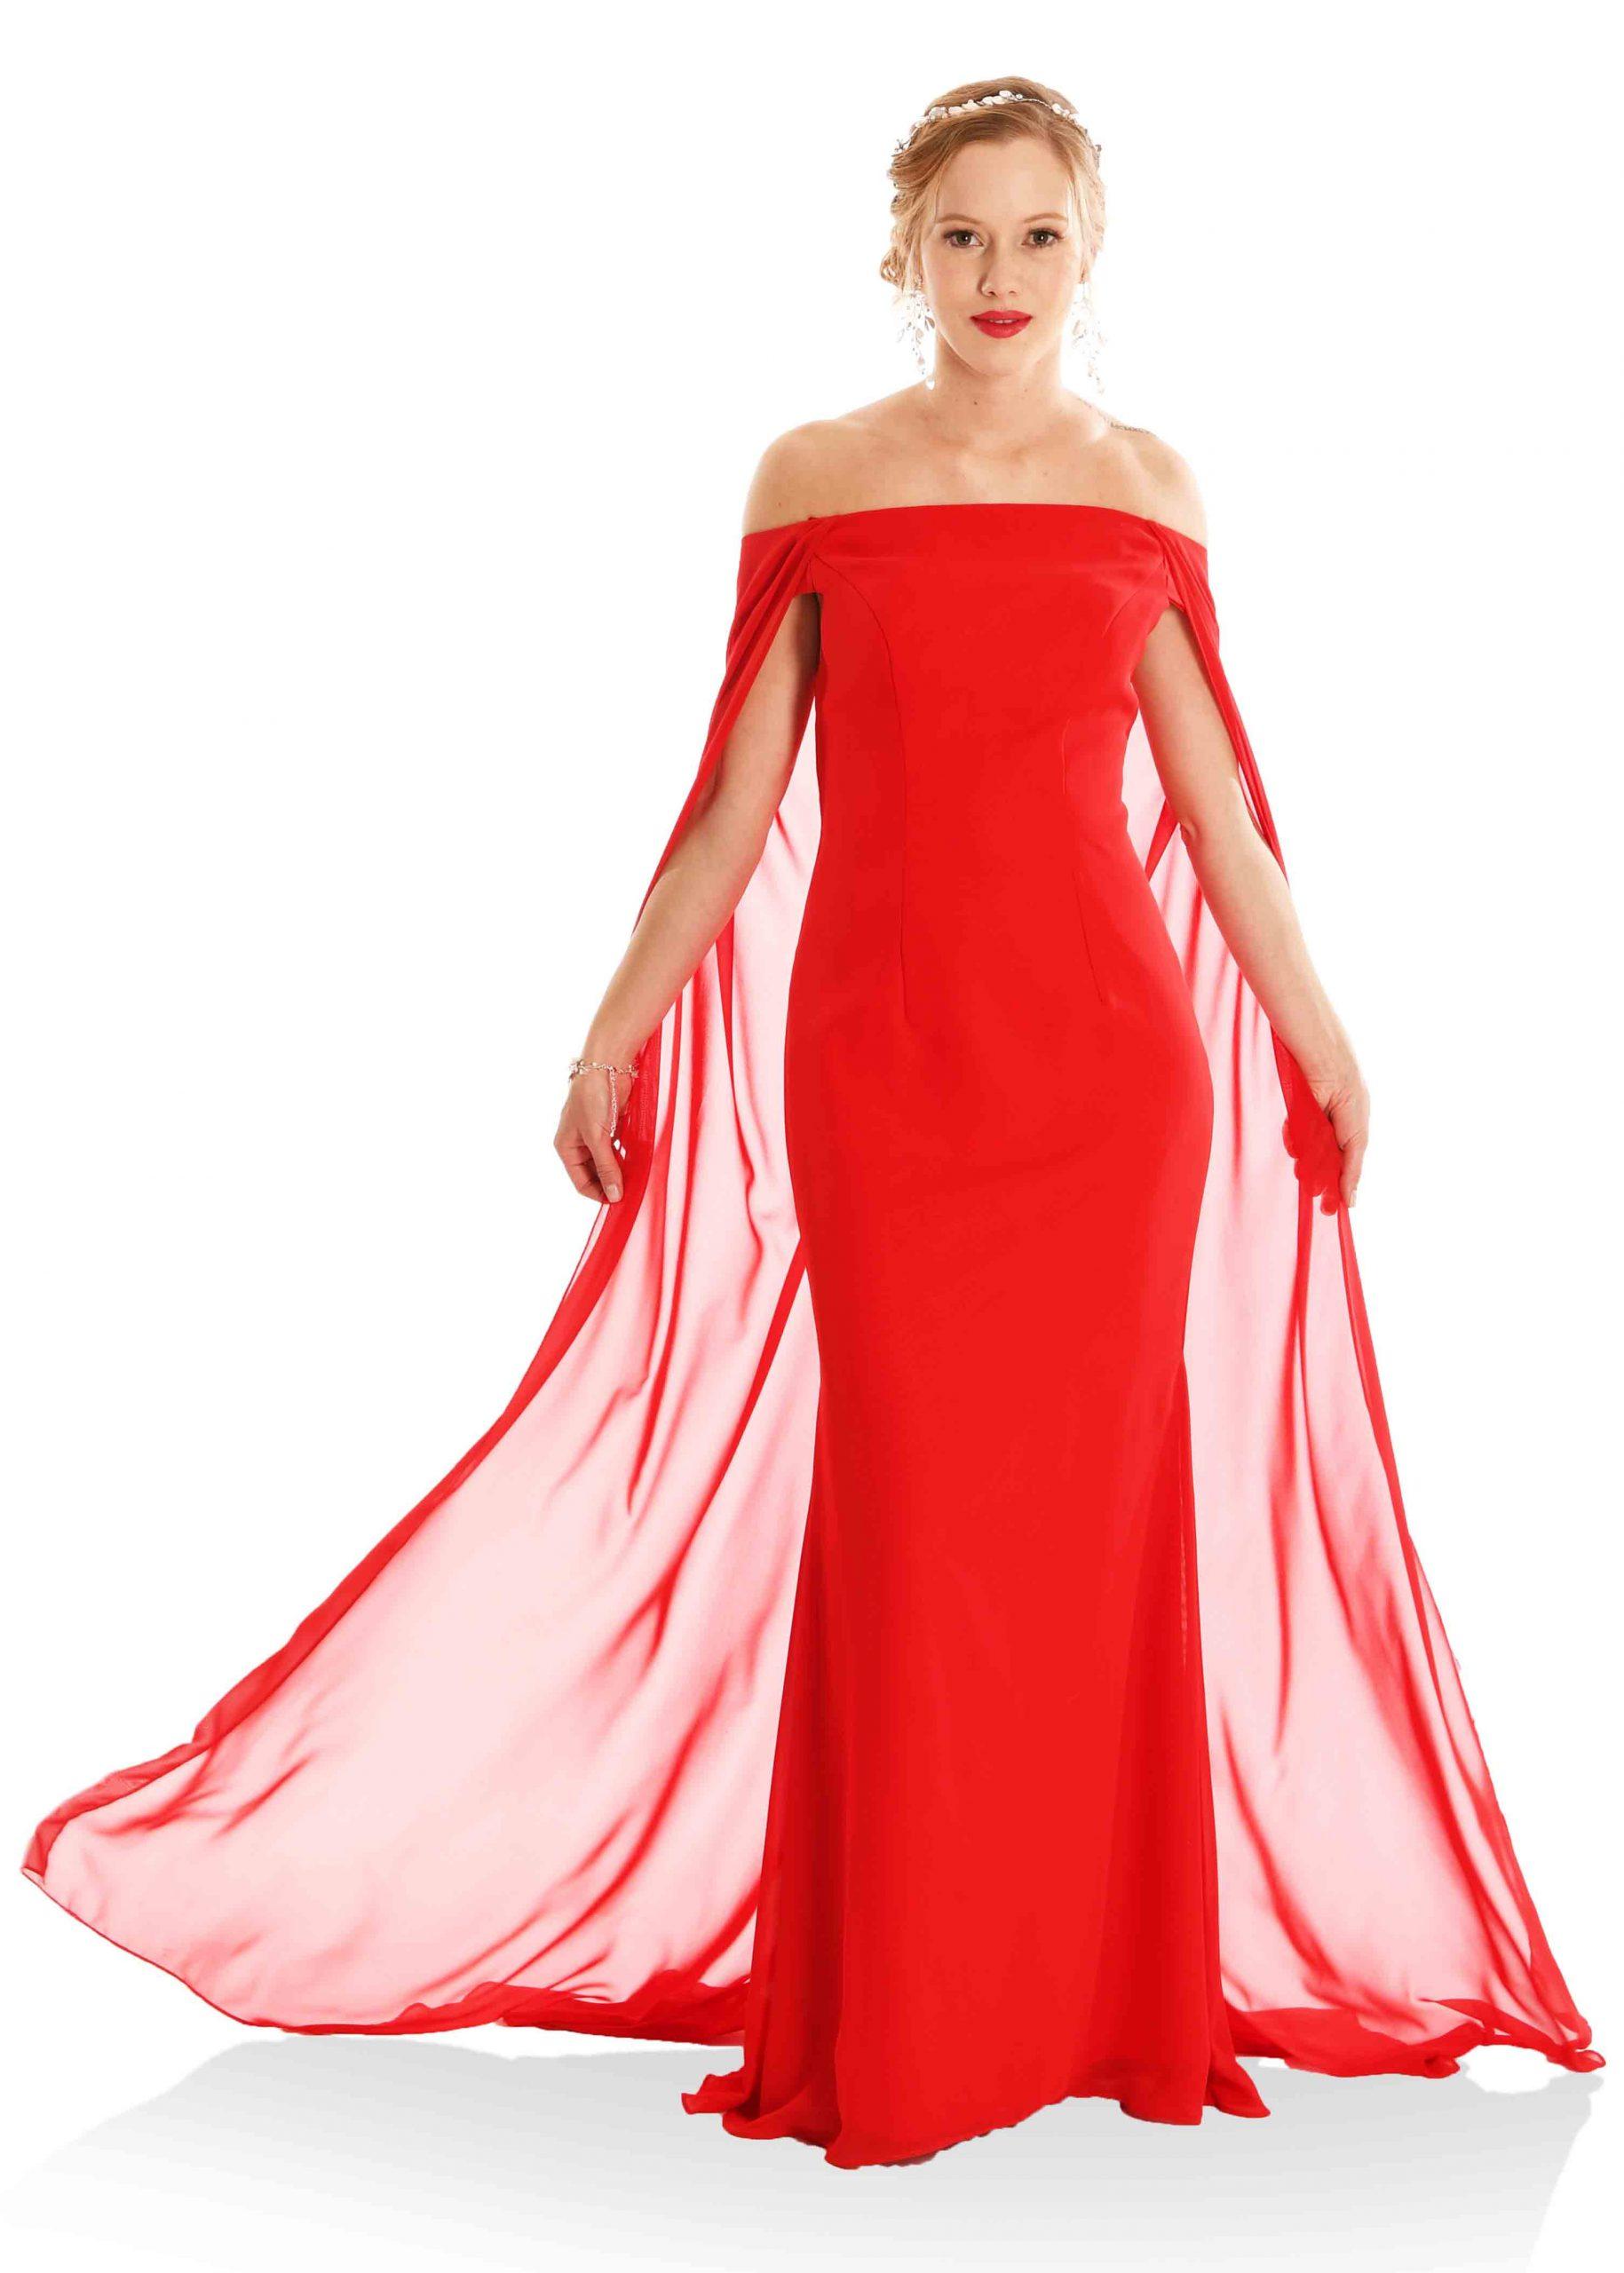 20 Schön Abendkleider Festliche Abendbekleidung Bester Preis15 Erstaunlich Abendkleider Festliche Abendbekleidung Design